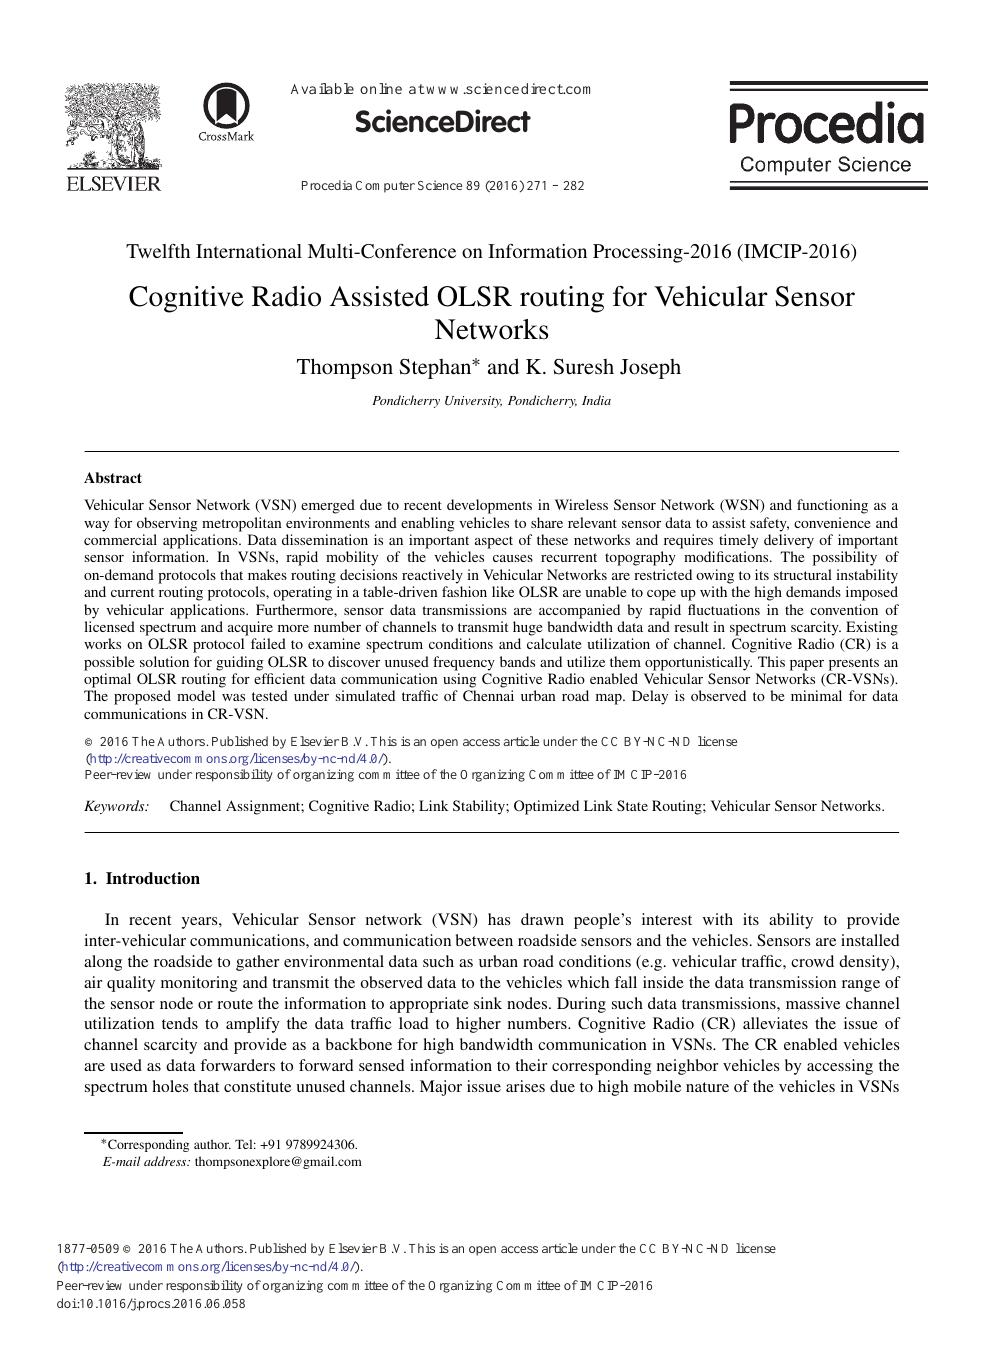 Cognitive Vehicular Networks